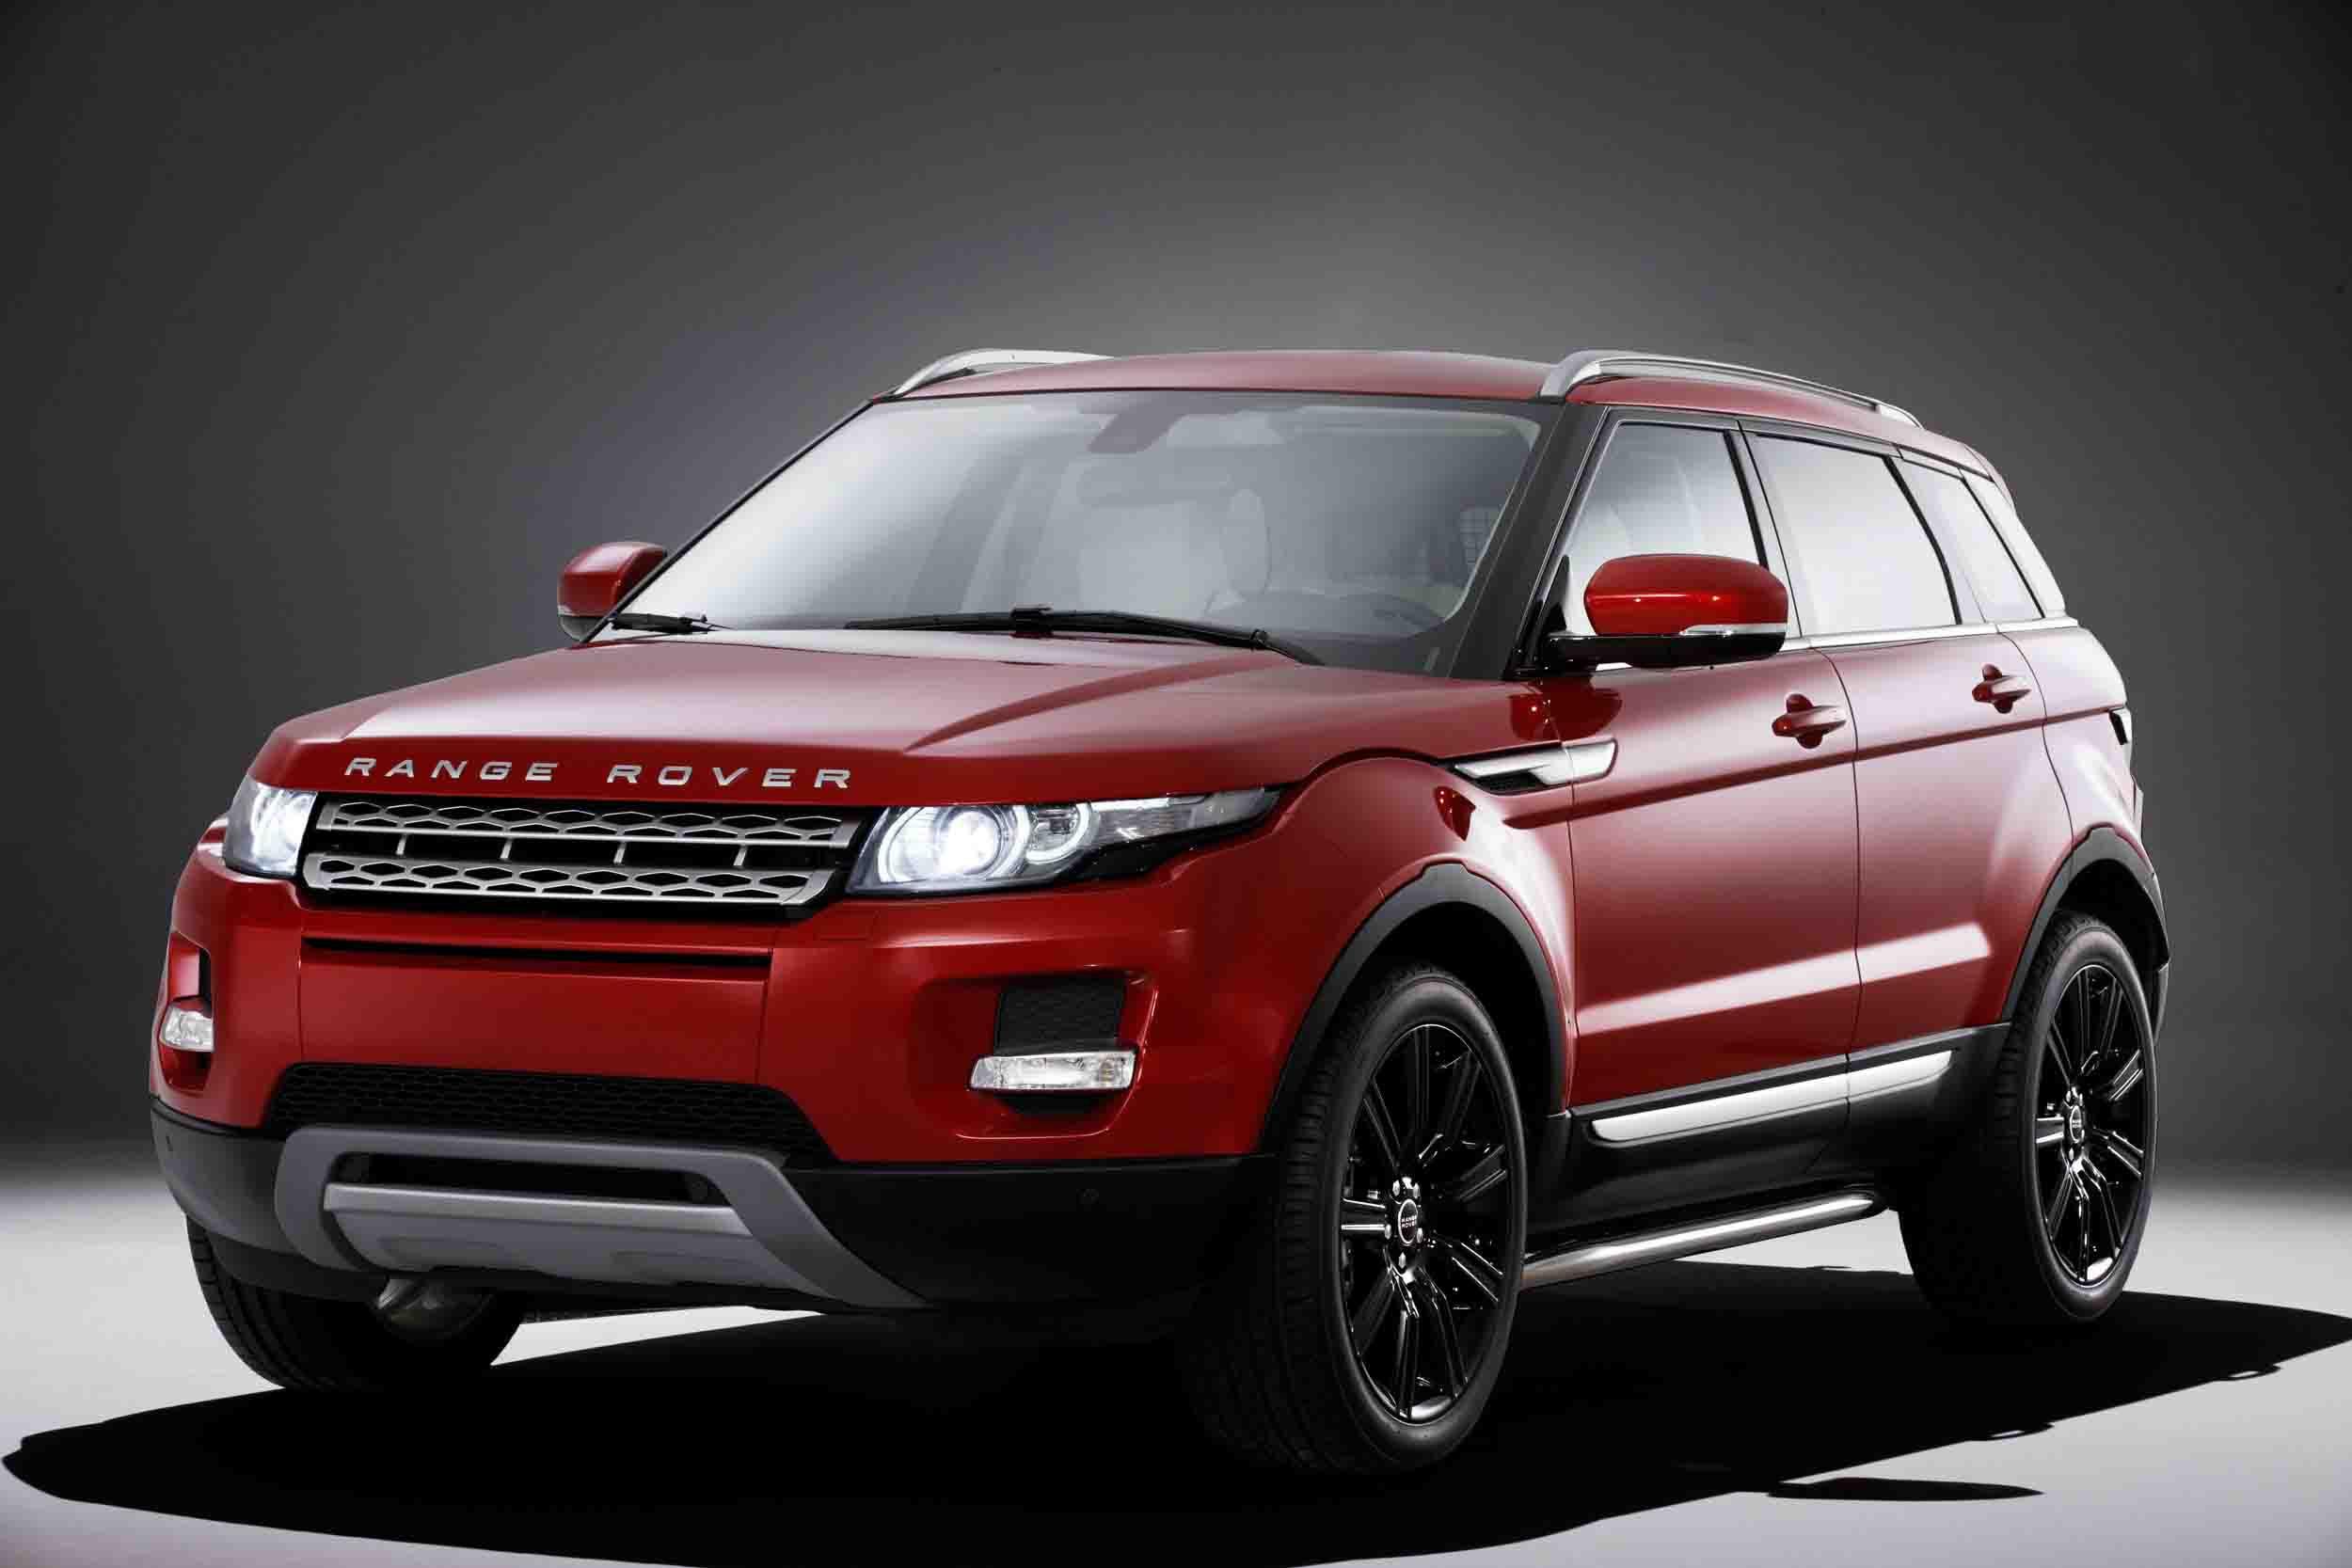 2012-land-rover-range-rover-evoque-5-door-001-1366